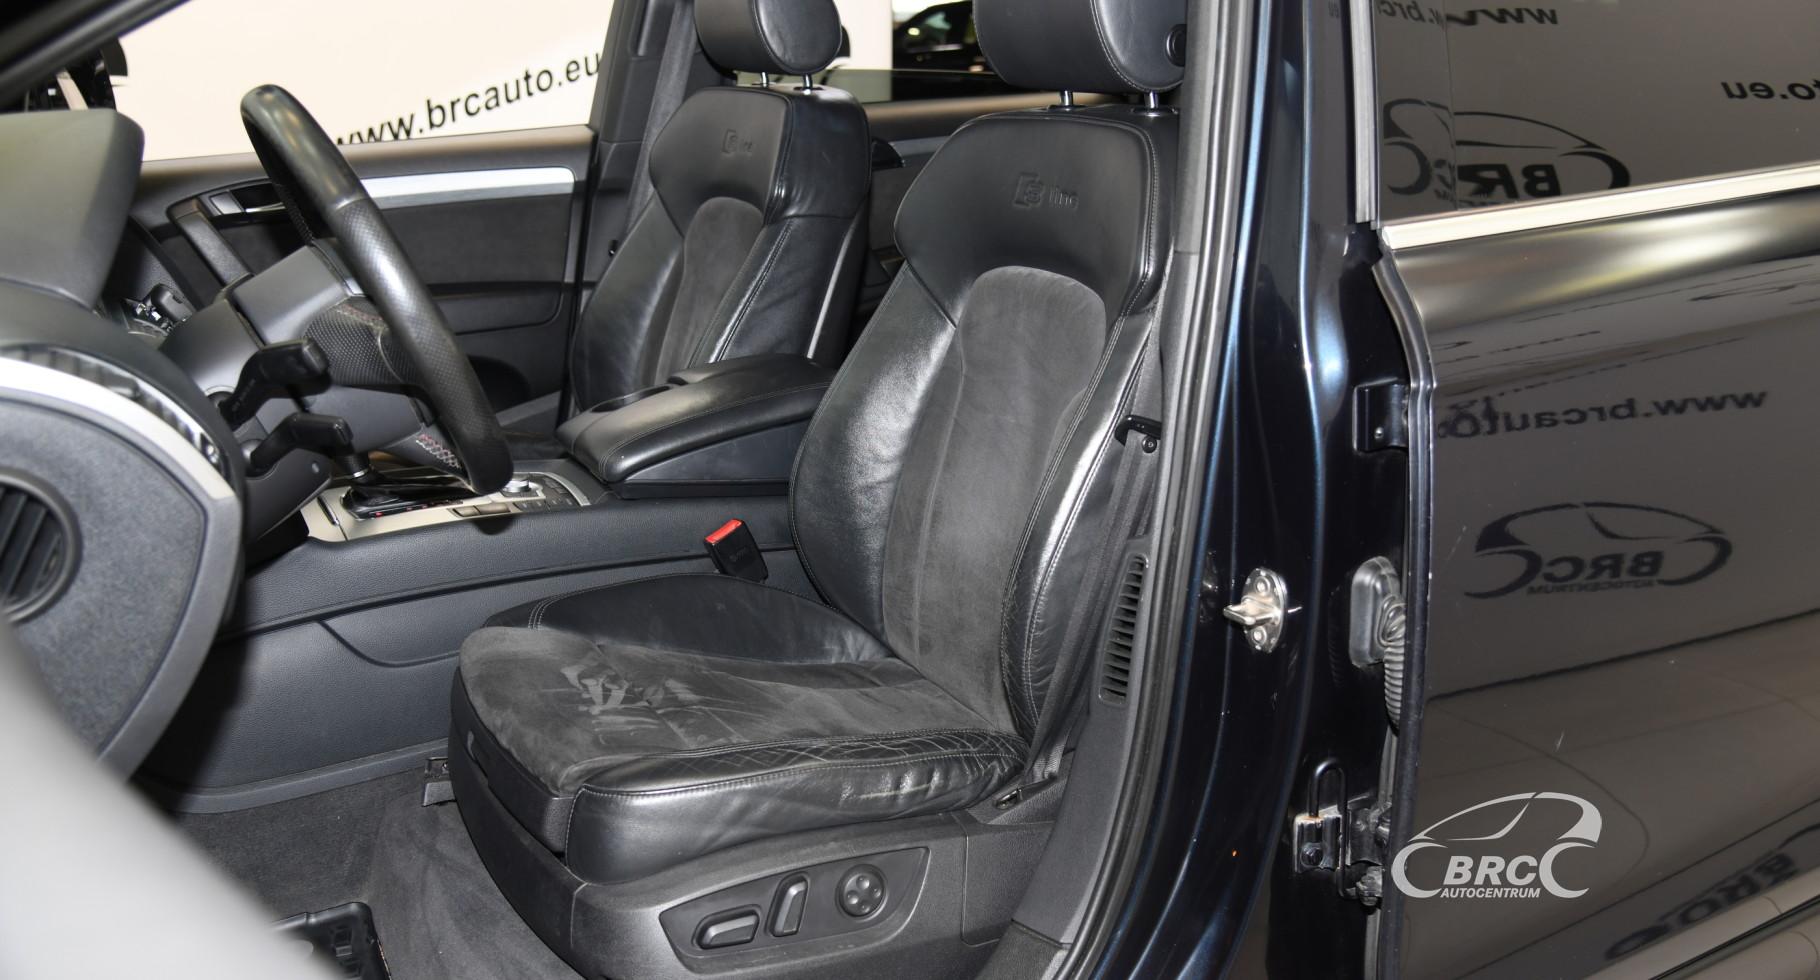 Audi Q7 3.0 V6 TDI S-Line Quattro Automatas